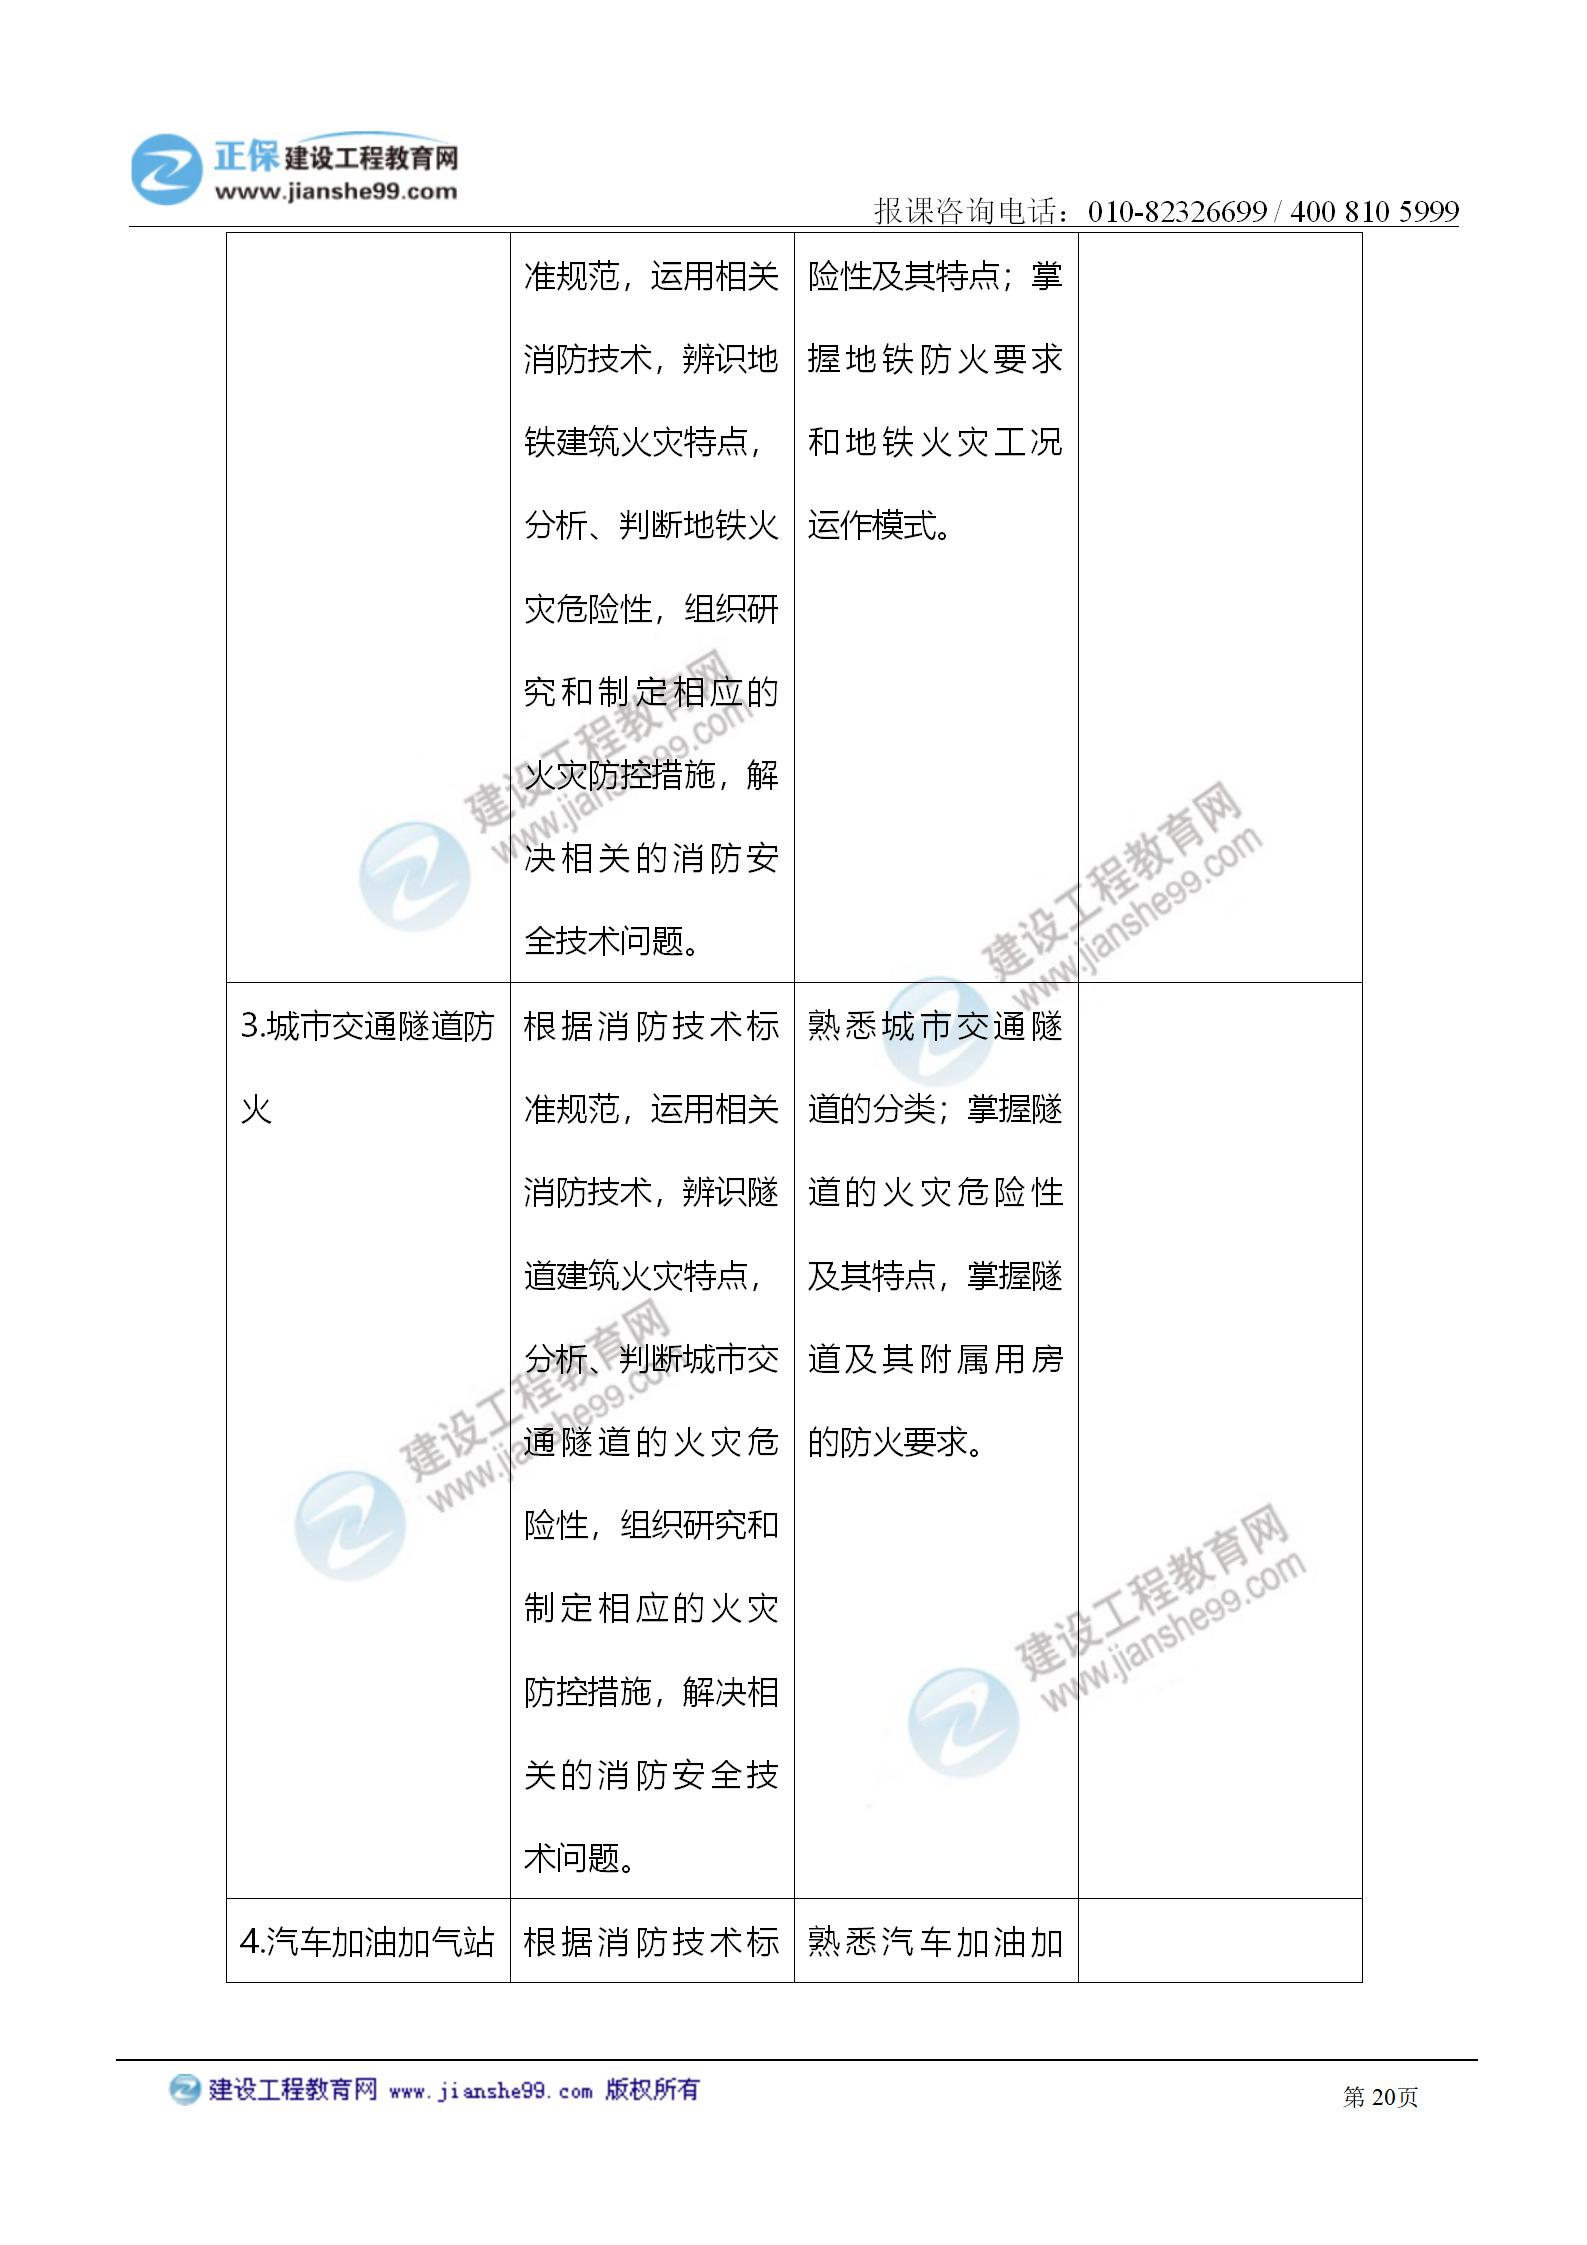 2021注册消防工程师《技术实务》考试大纲变化情况_20